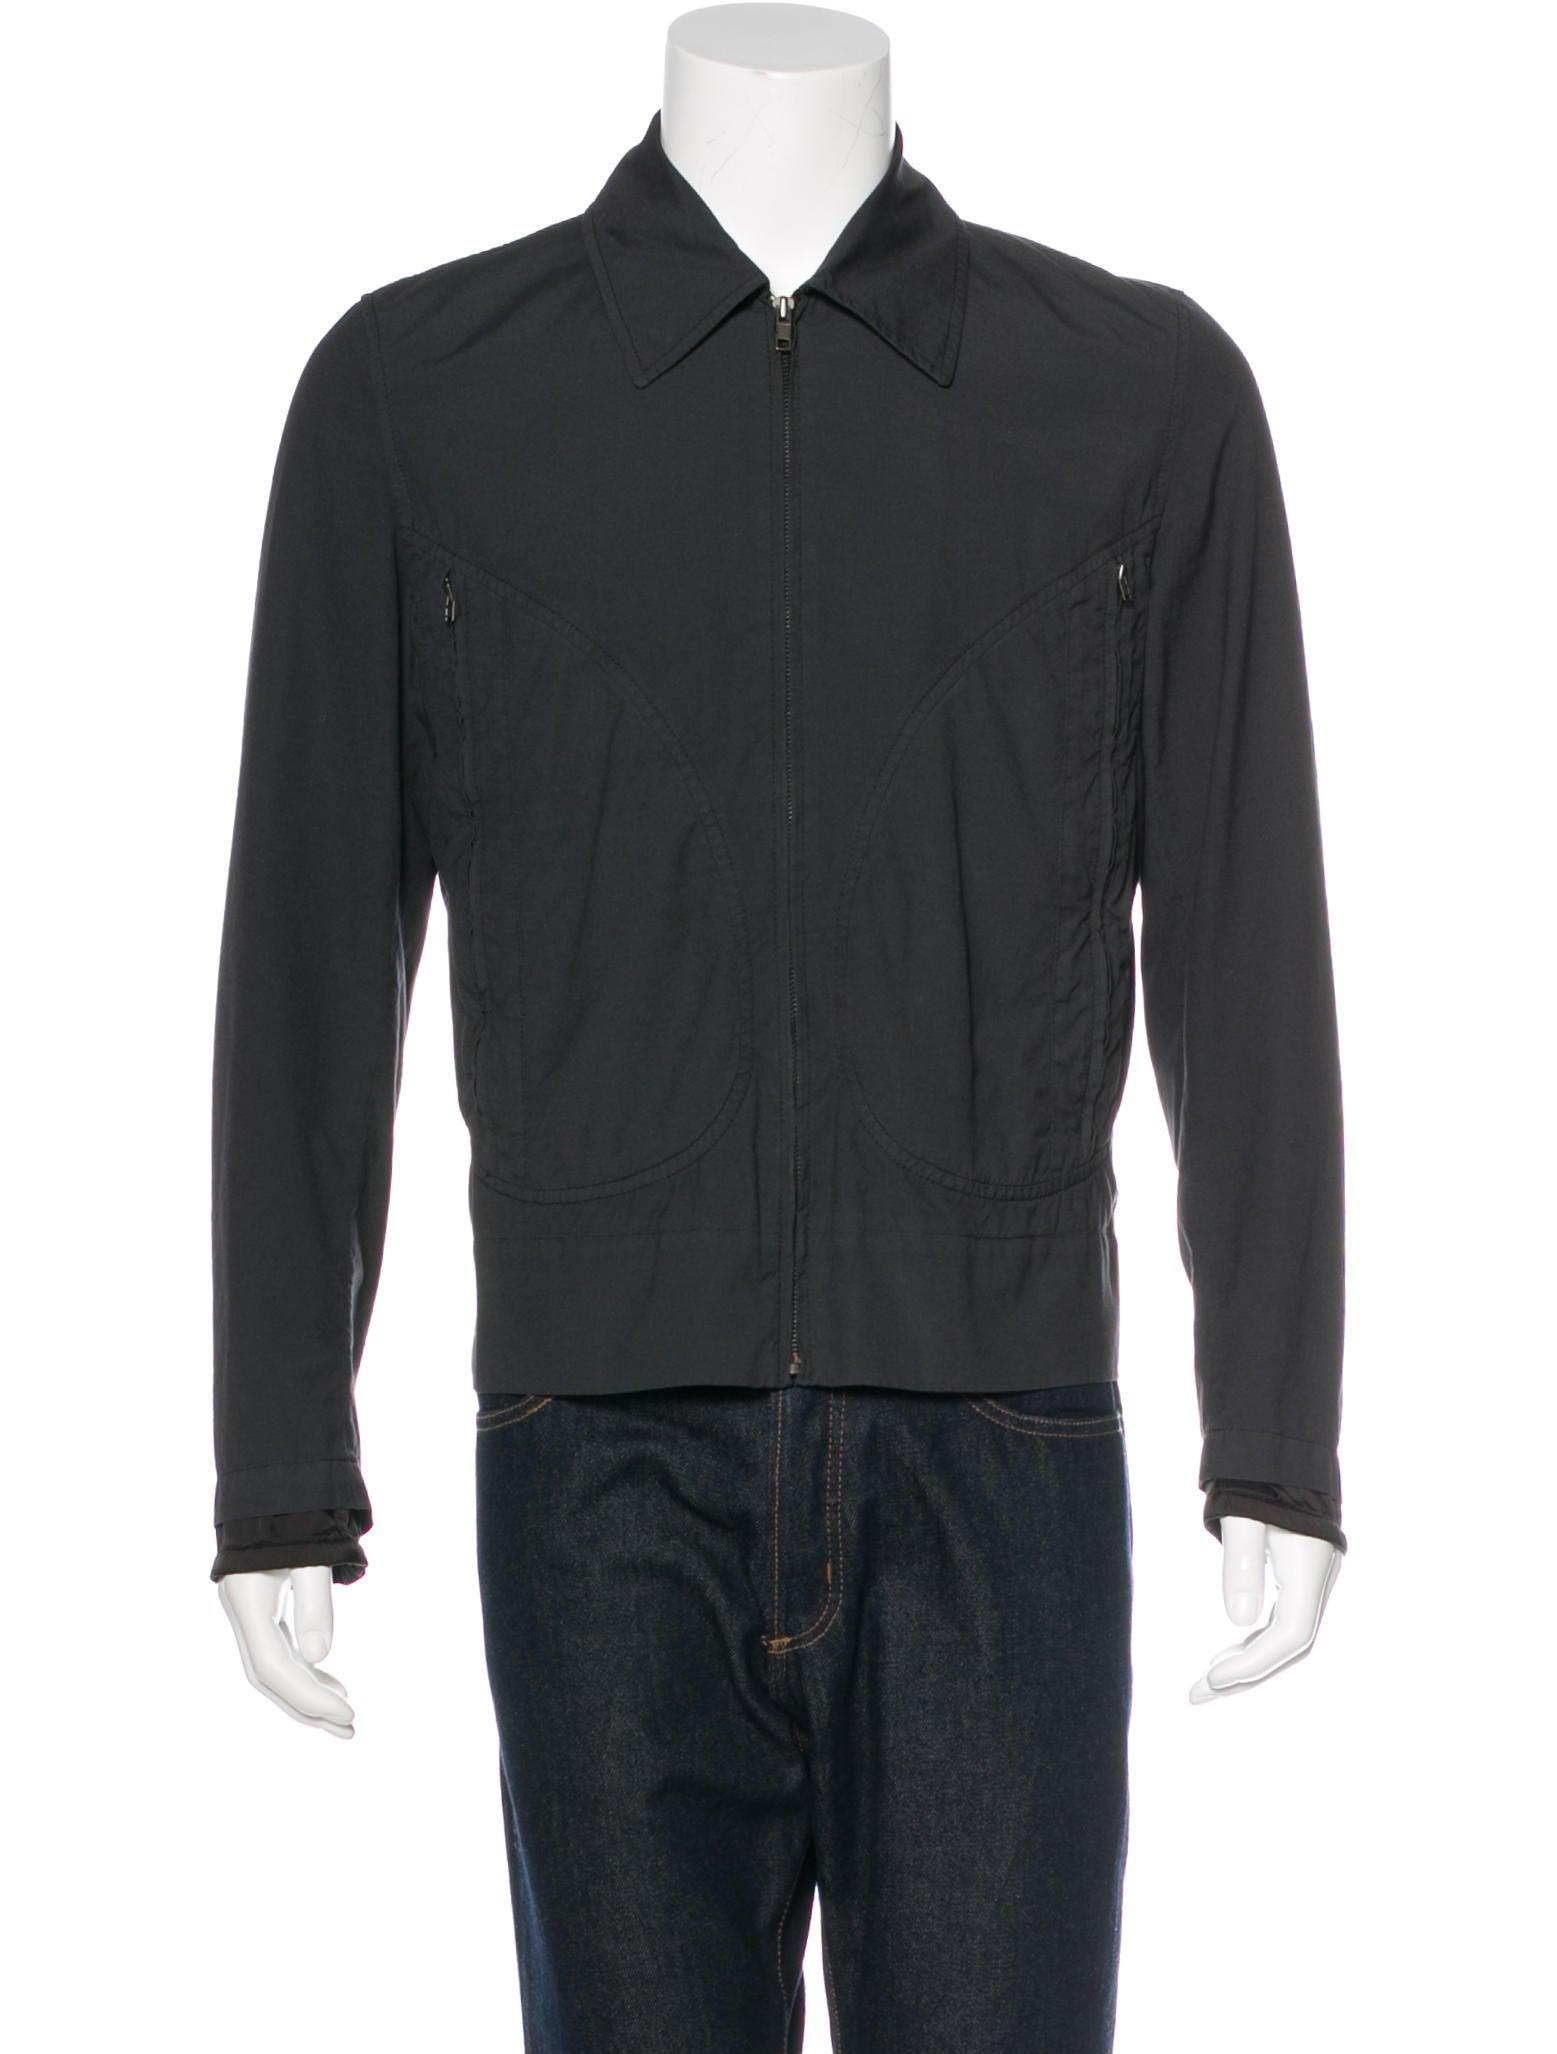 Maison Martin Margiela Lightweight Flight Jacket - Clothing ...